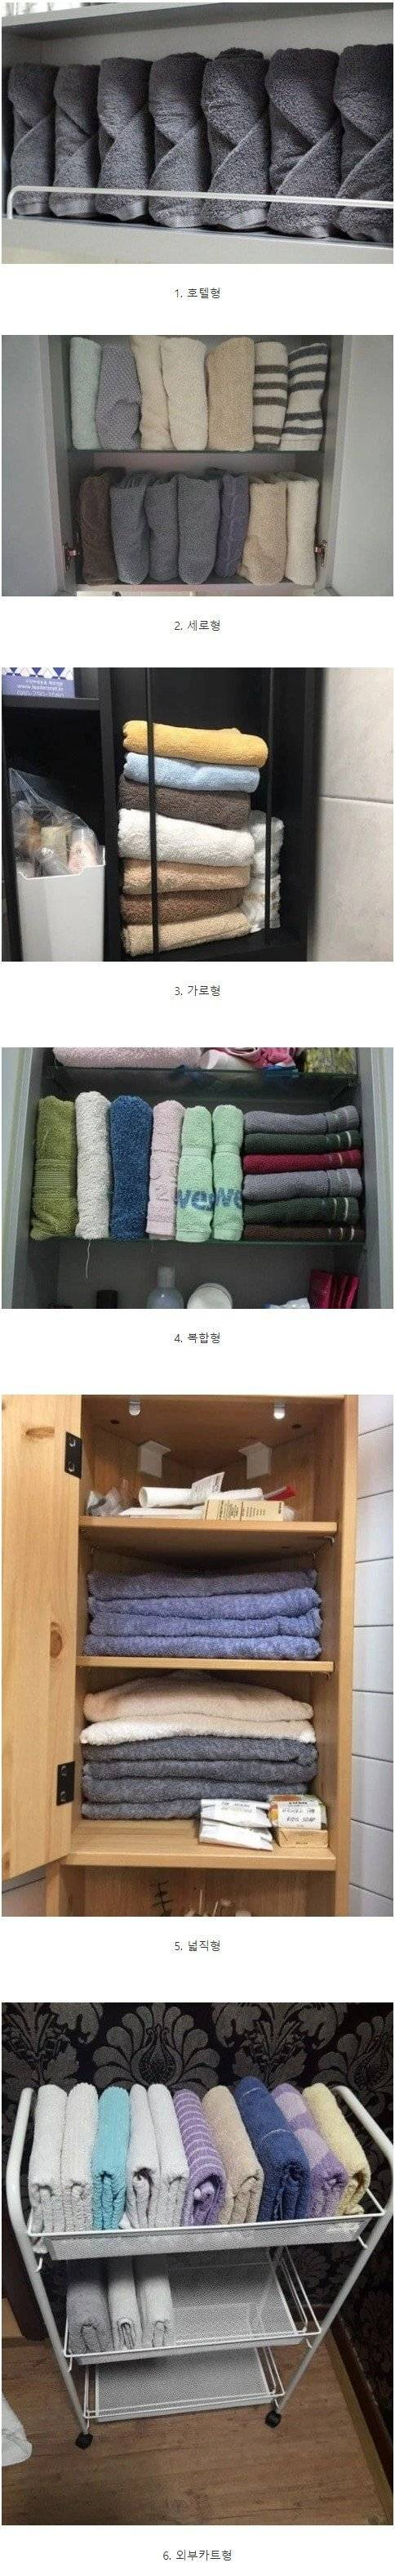 집 마다 다른 수건 보관법 | 인스티즈